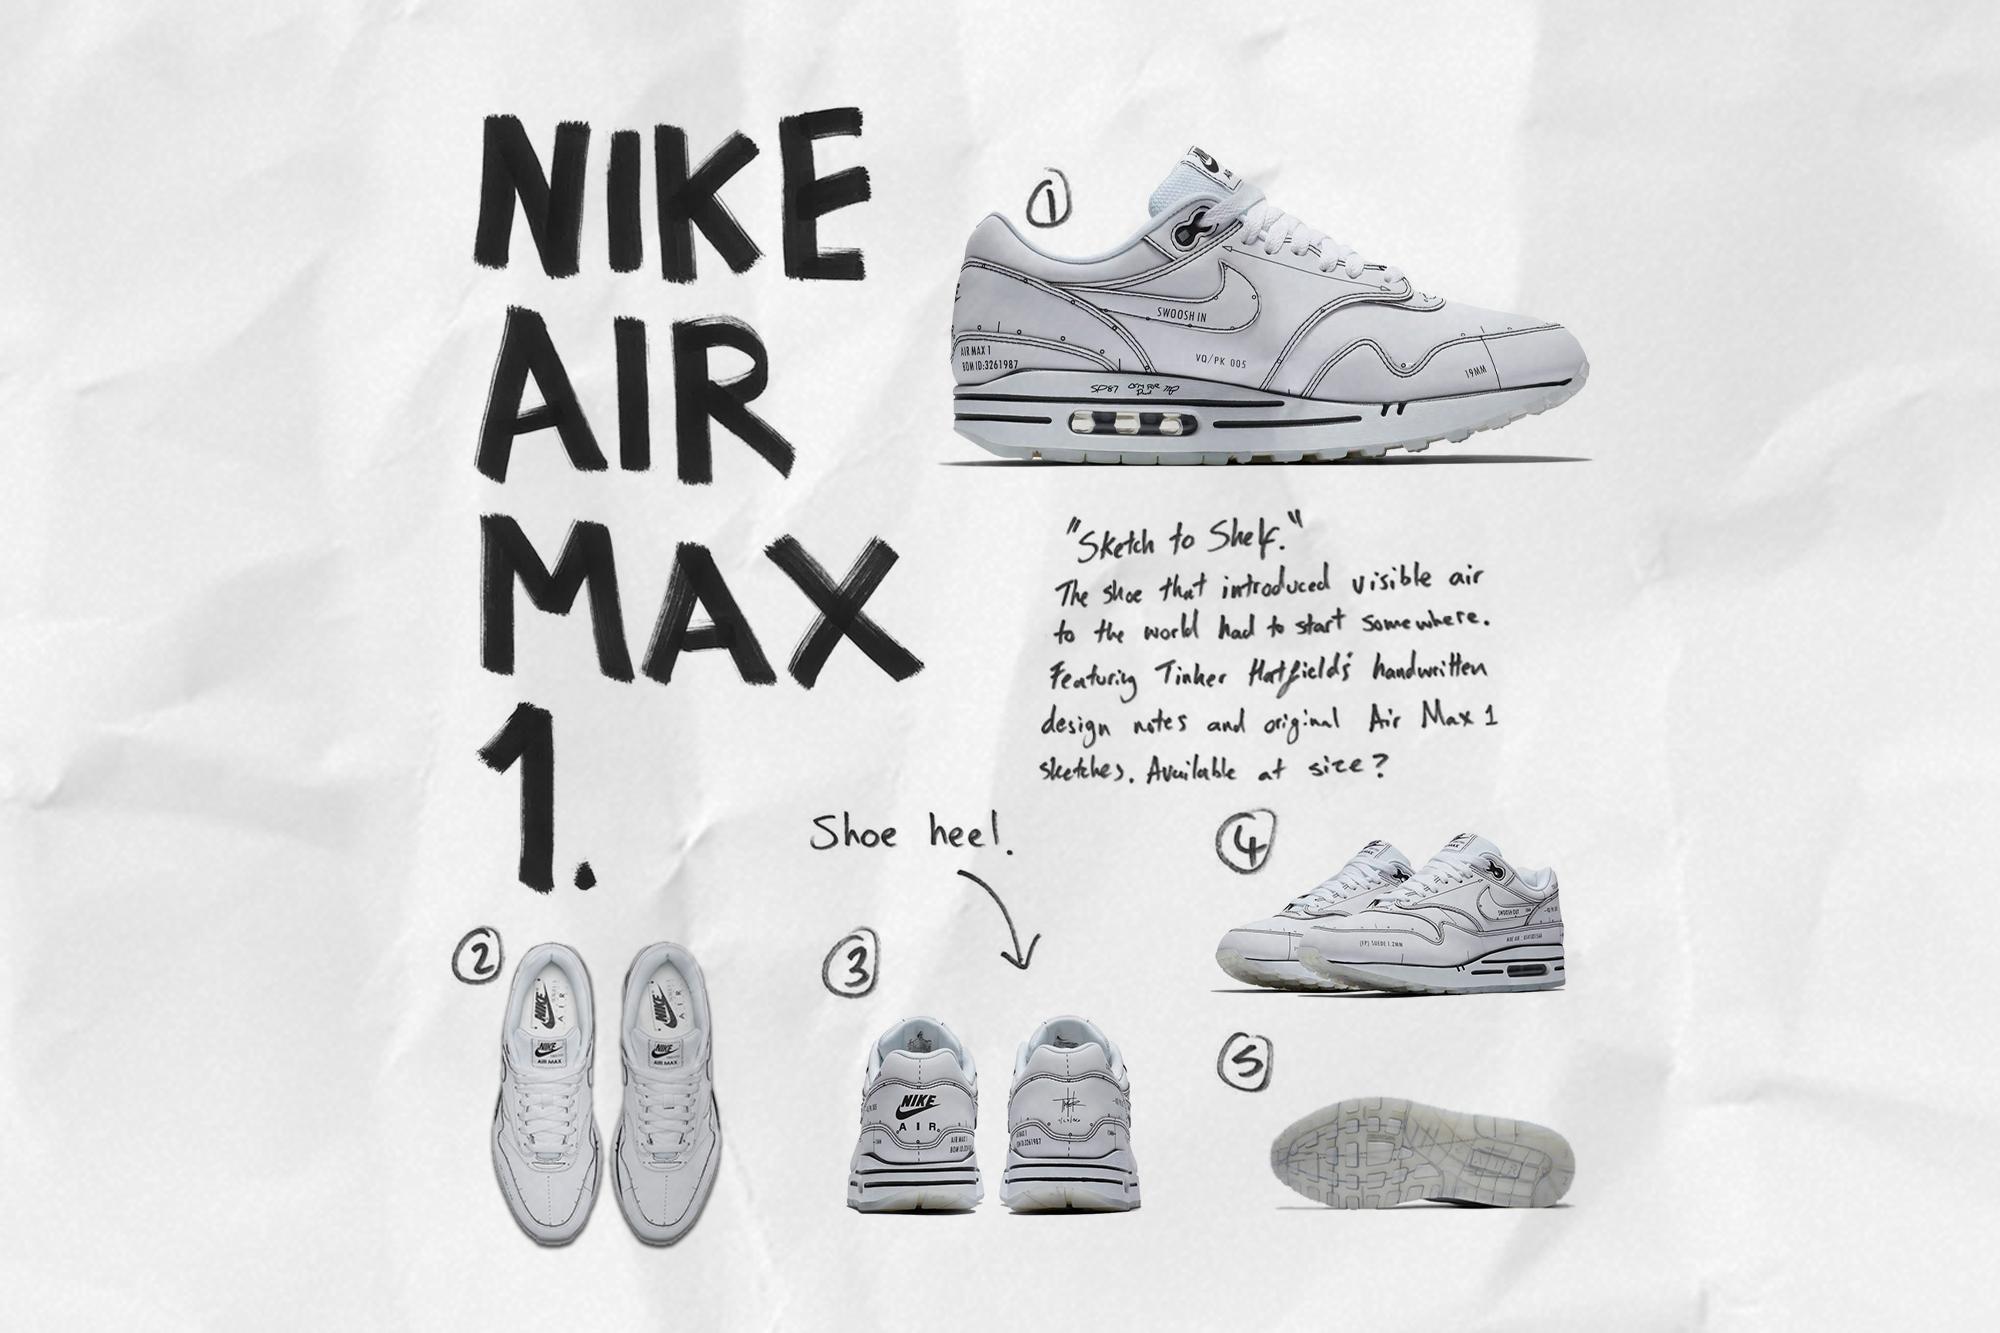 air max 1 sketch to self